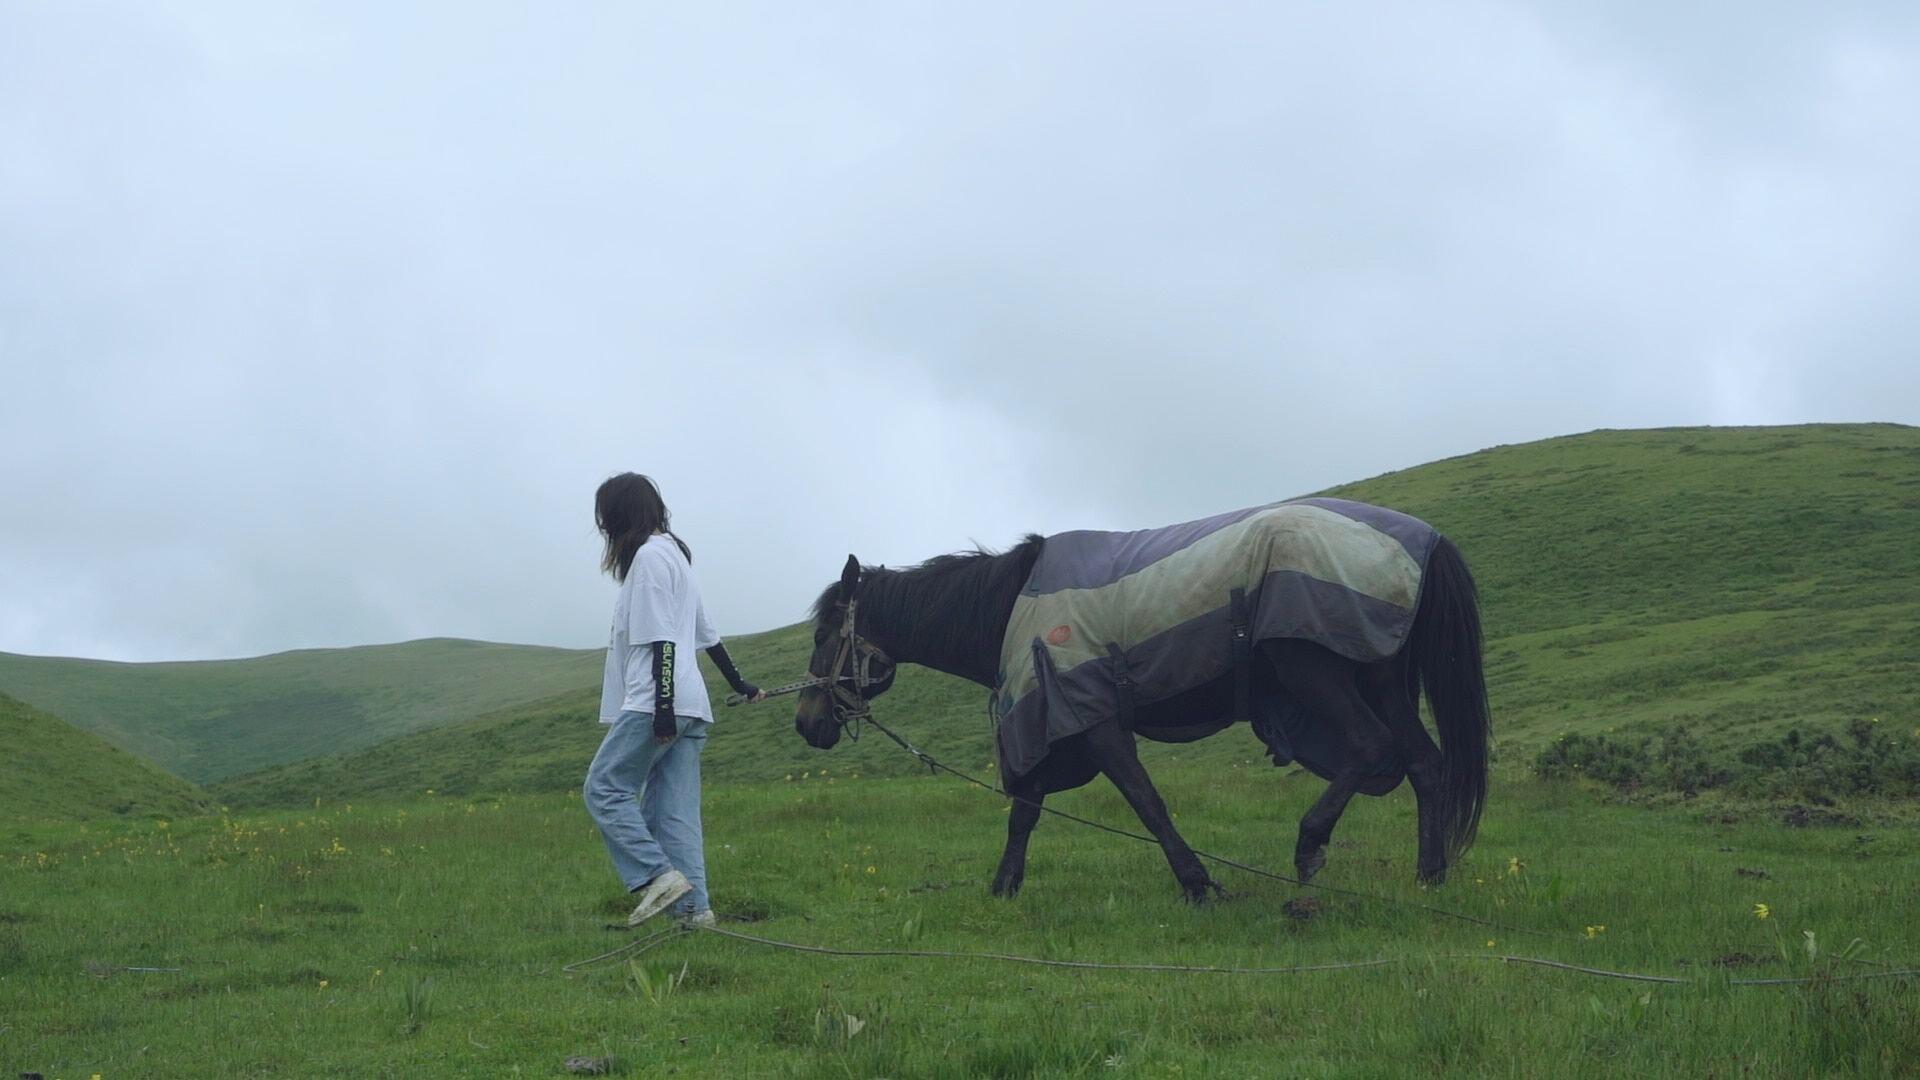 图片包含 草, 户外, 牛, 田地描述已自动生成